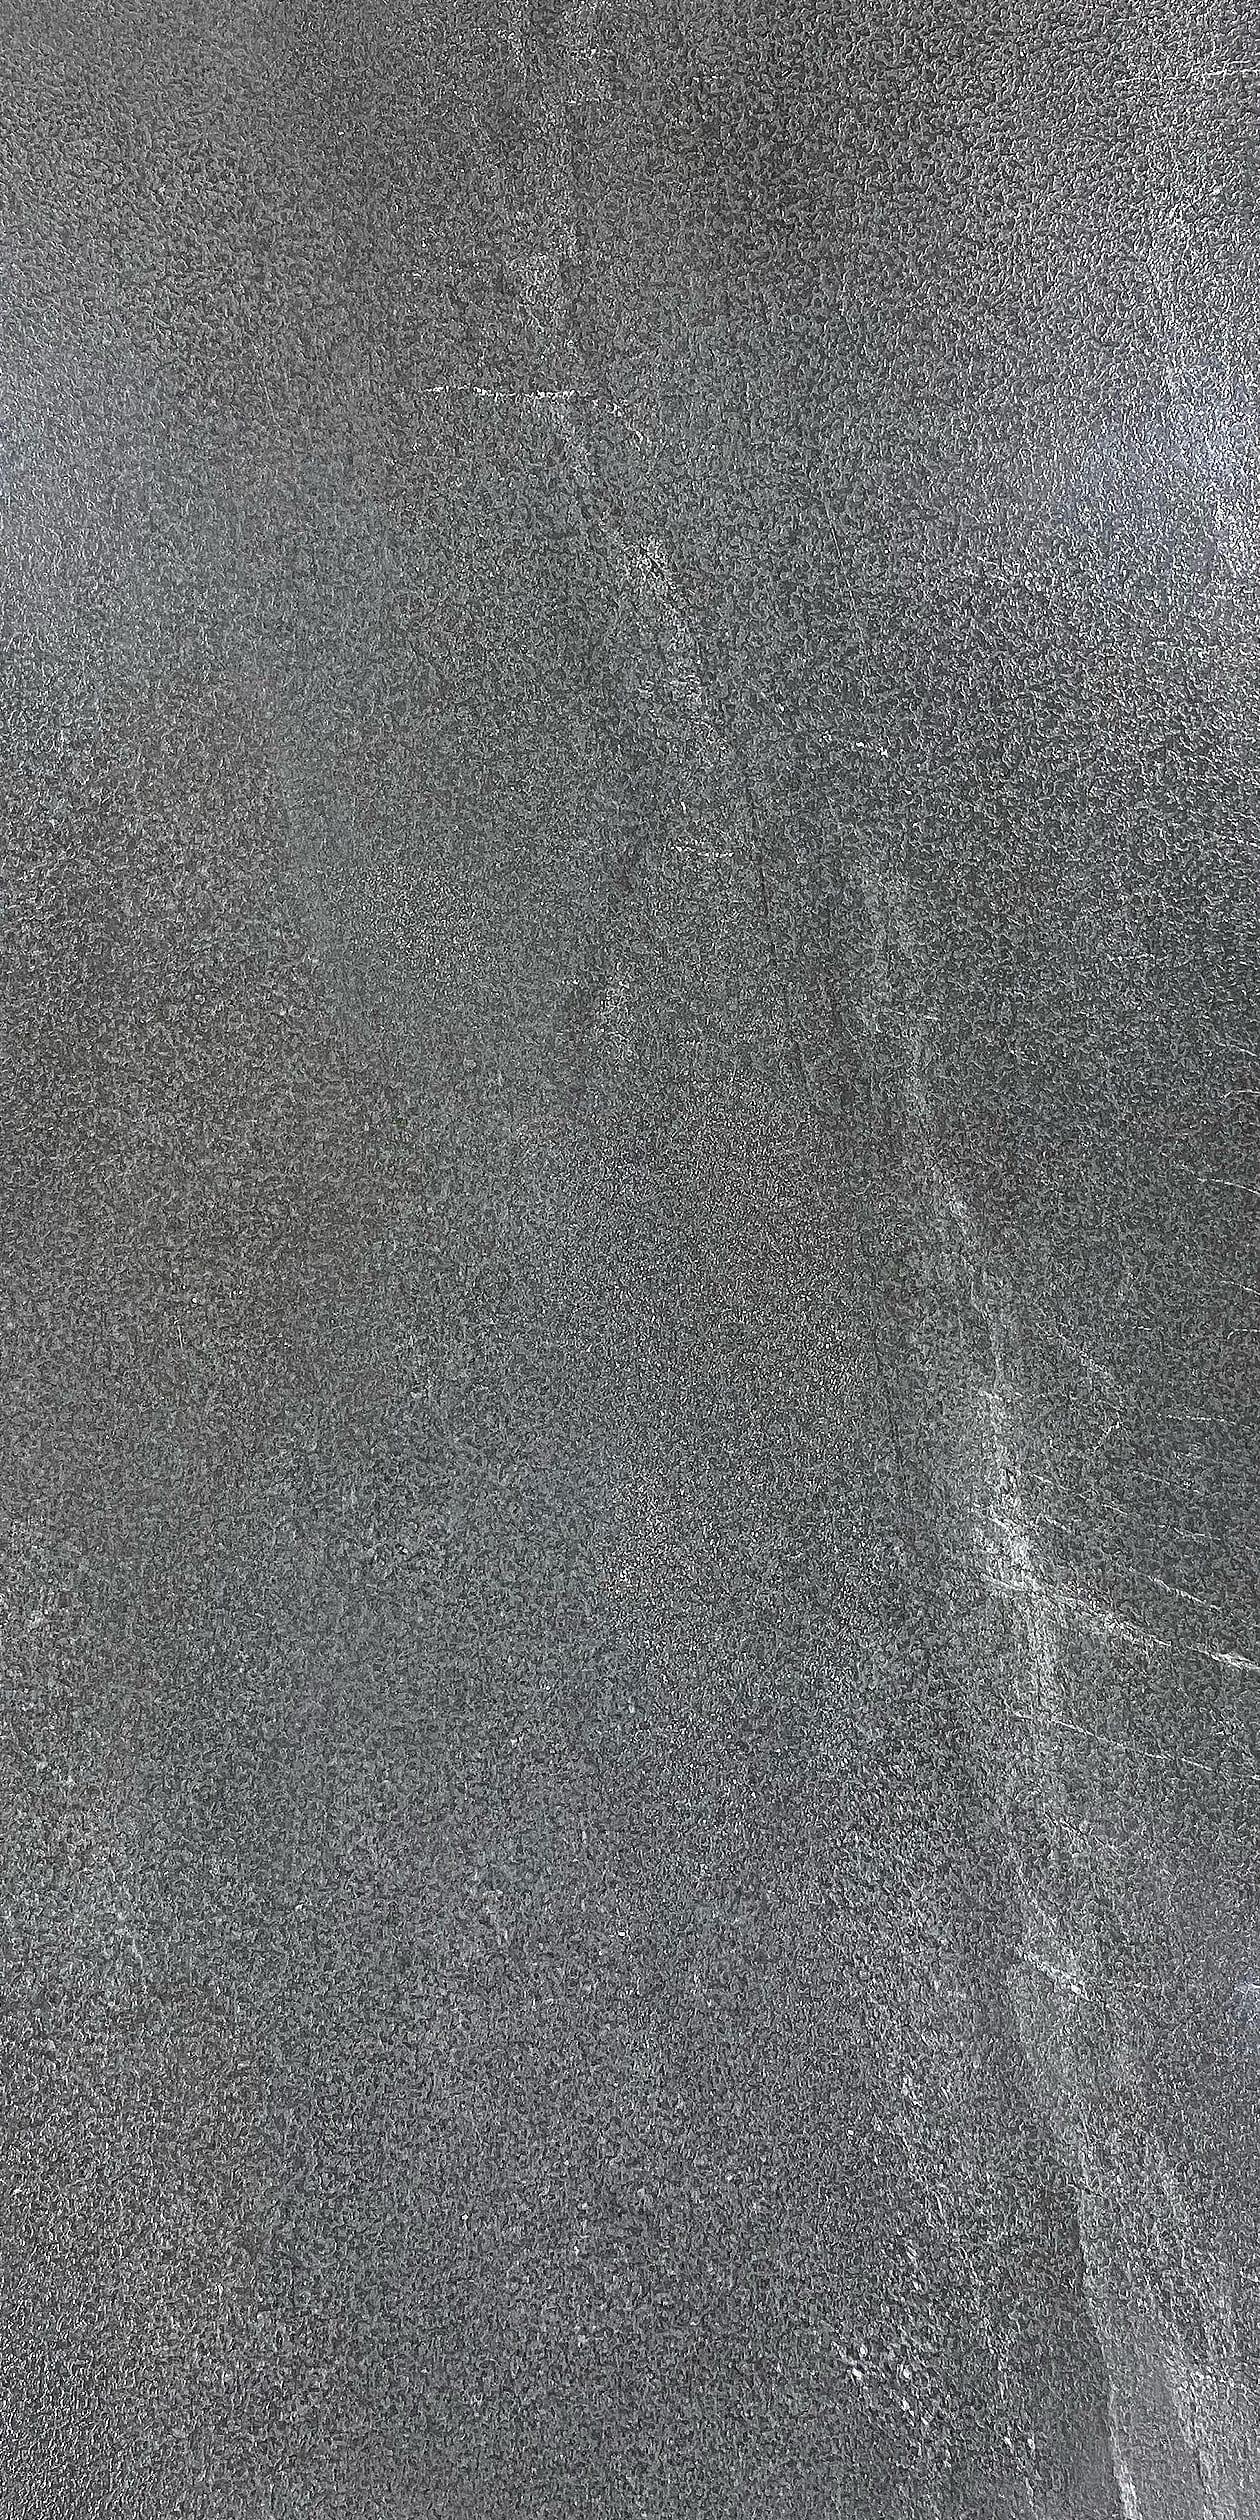 12×24 Nohva Italian Tile_Black_13.56sfct_3.19